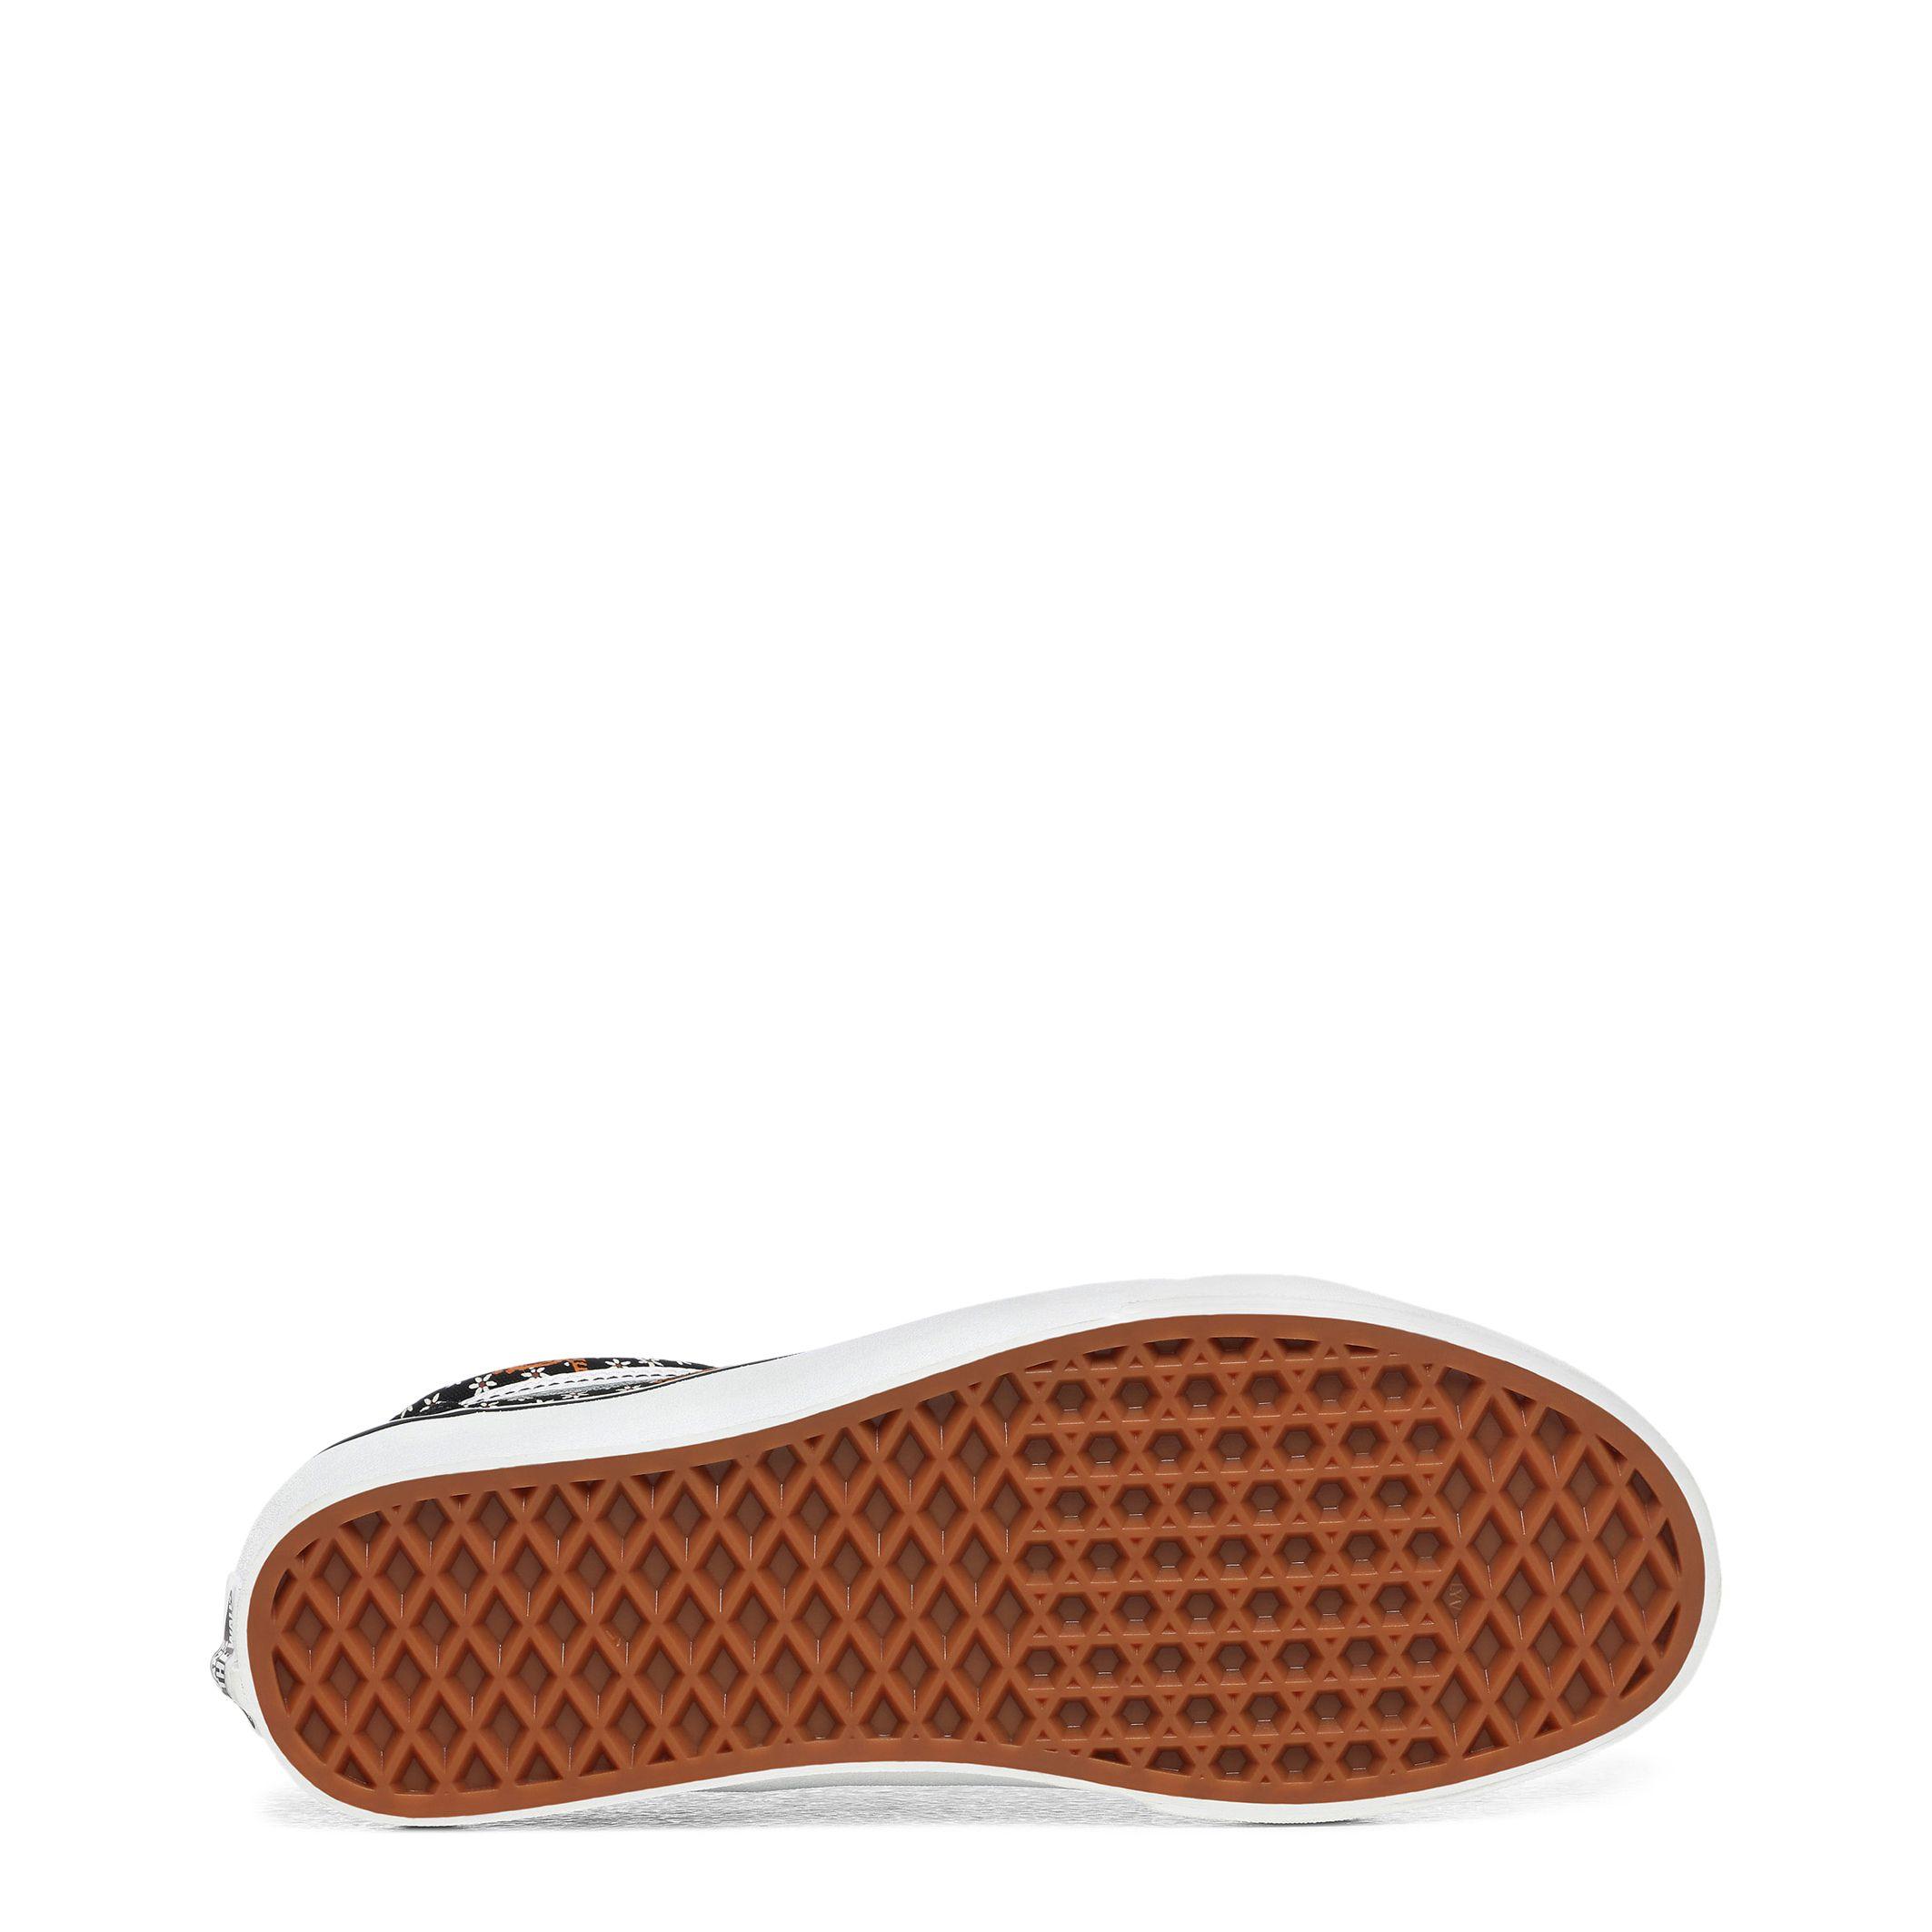 Schuhe Vans – OLD-SKOOL_VN0A38G1